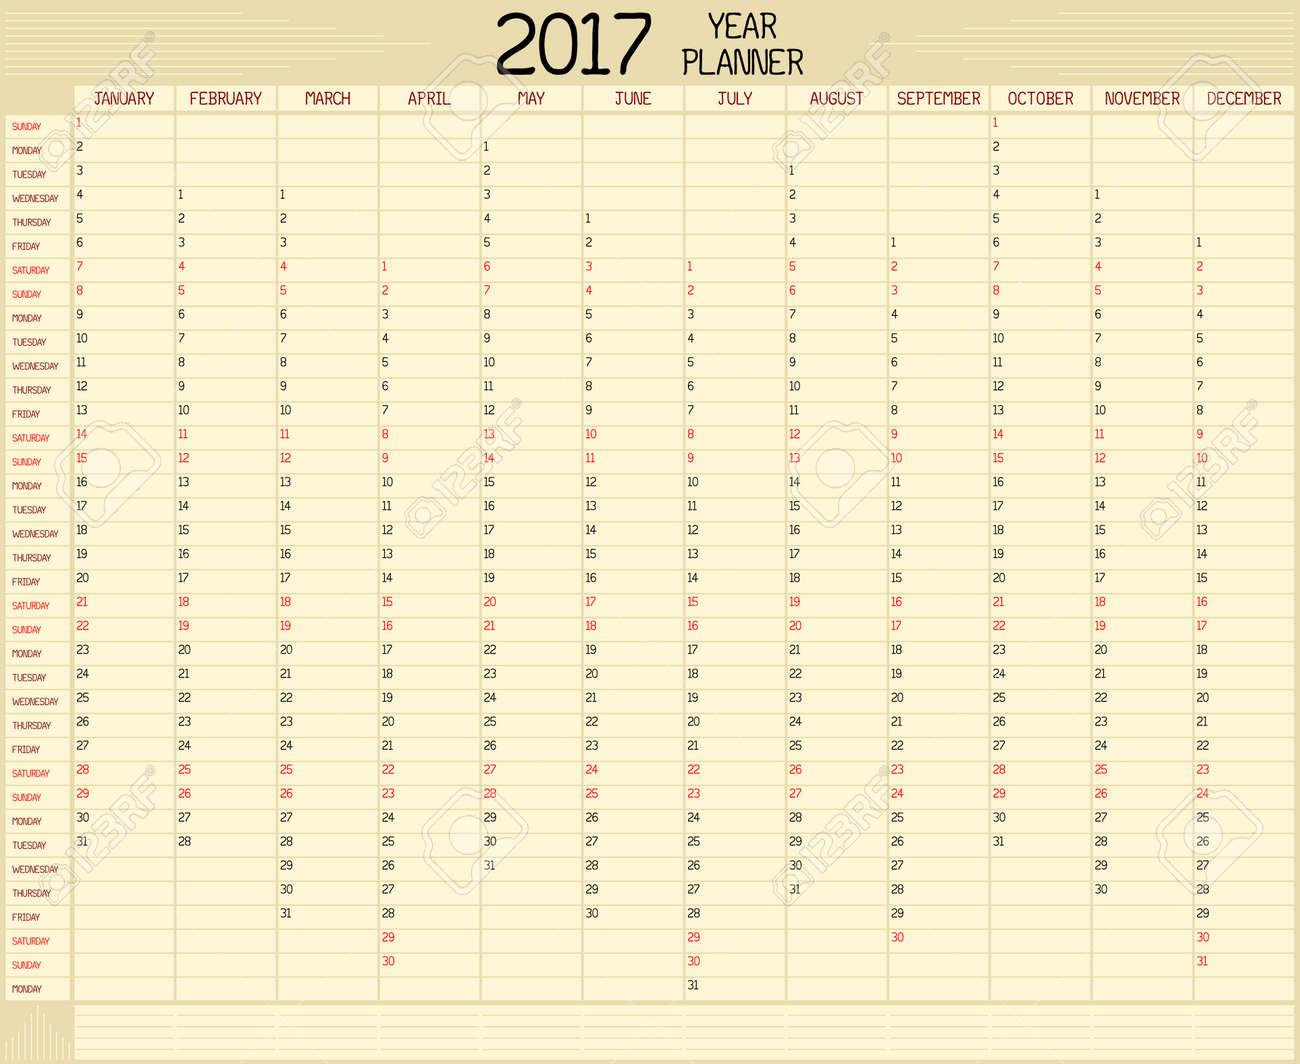 Année 2017 Planner Un Calendrier De Planification Annuelle Pour Lannée 2017 Un Style Manuscrit Personnalisé Est Utilisé